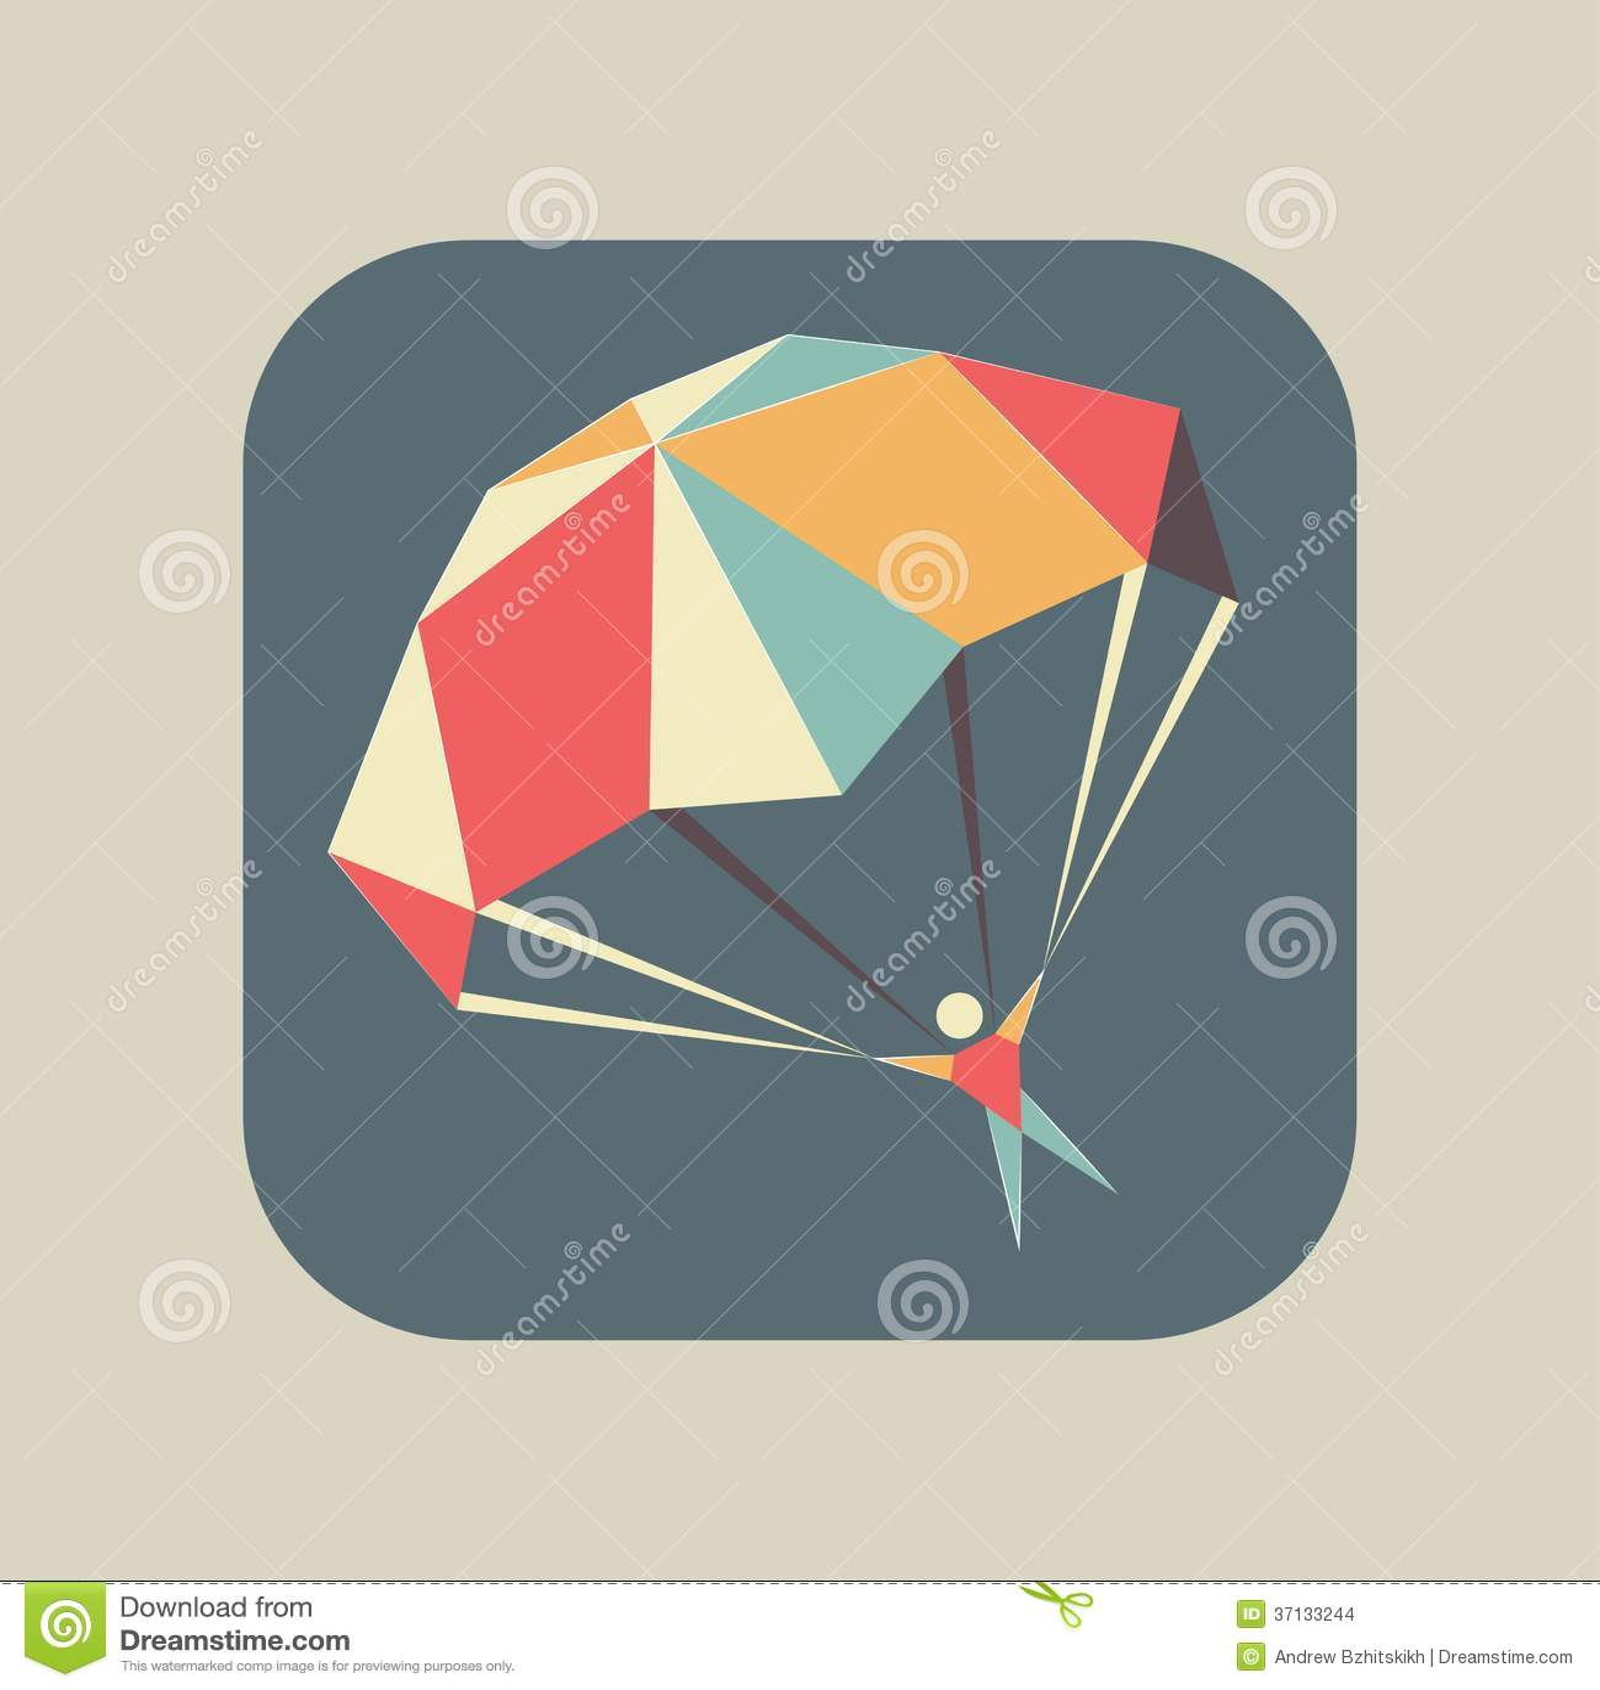 Ikone mit einem Fliegen Skydiver und einem offenen Fallschirm